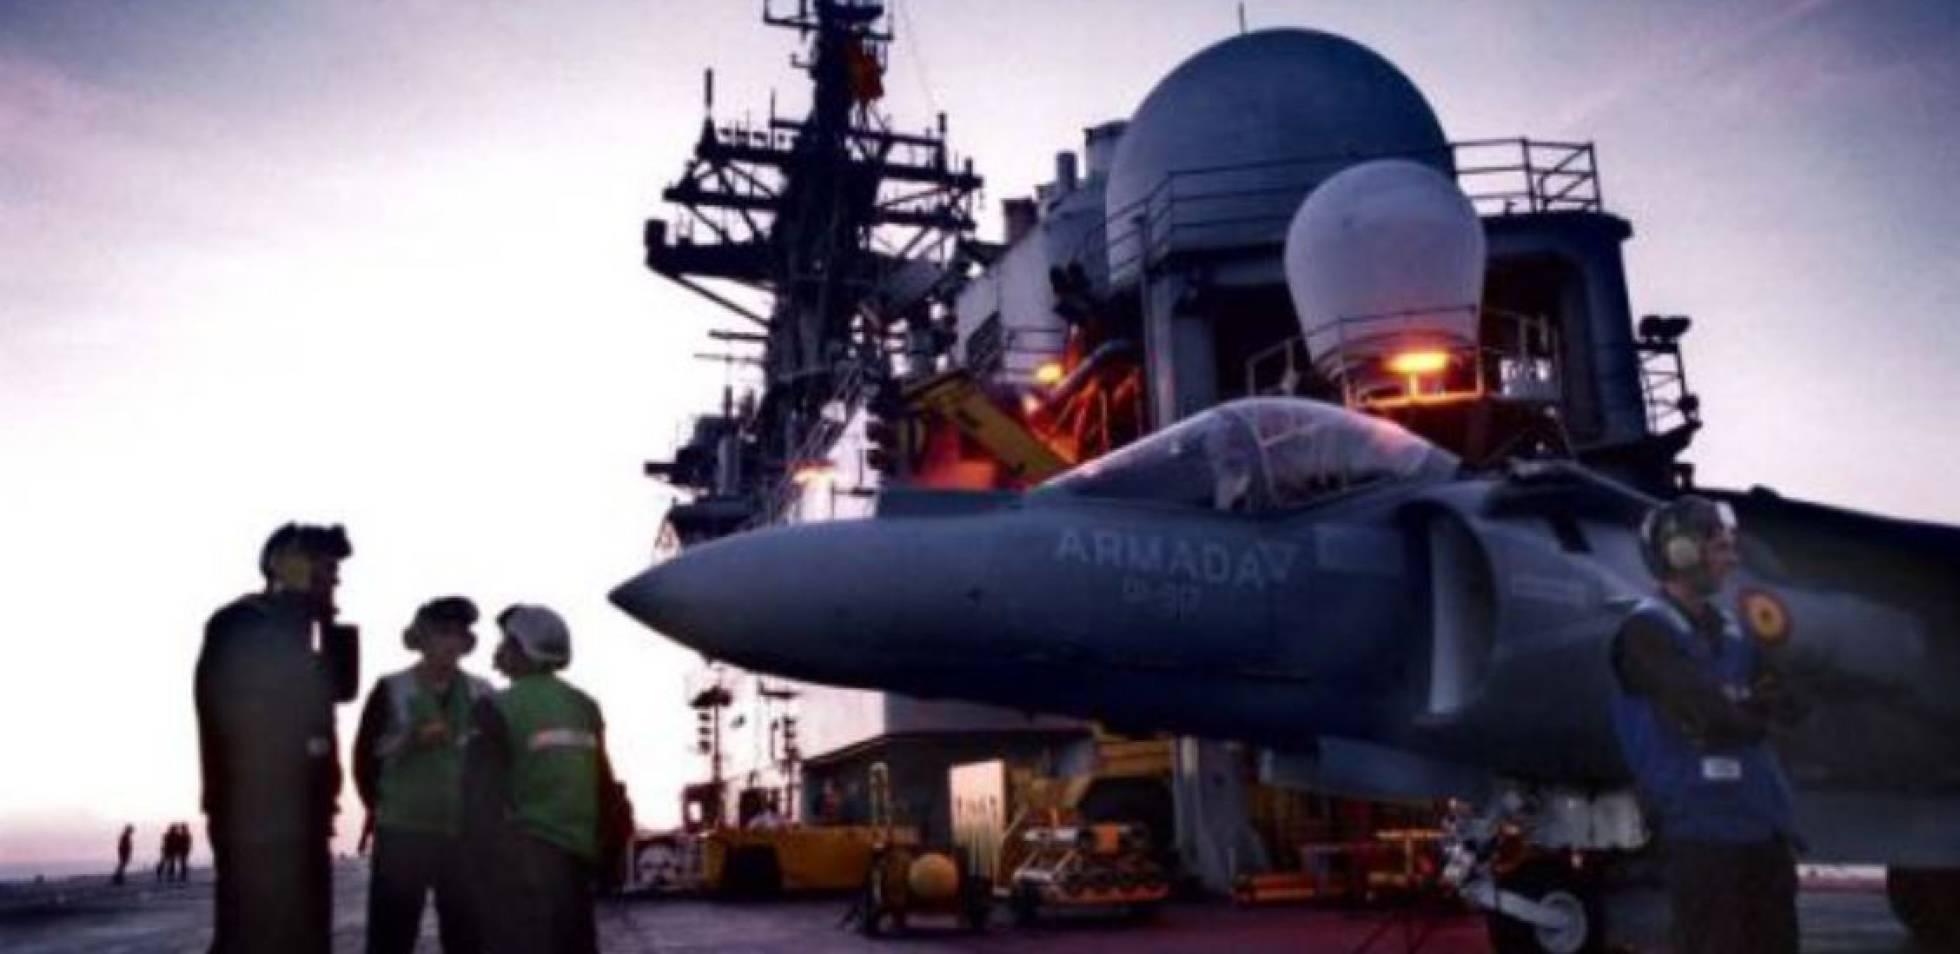 Defensa estudia dar de baja al portaaviones 'Príncipe de Asturias' para ahorrar - Página 4 1475175078_575939_1475175815_noticia_normal_recorte1